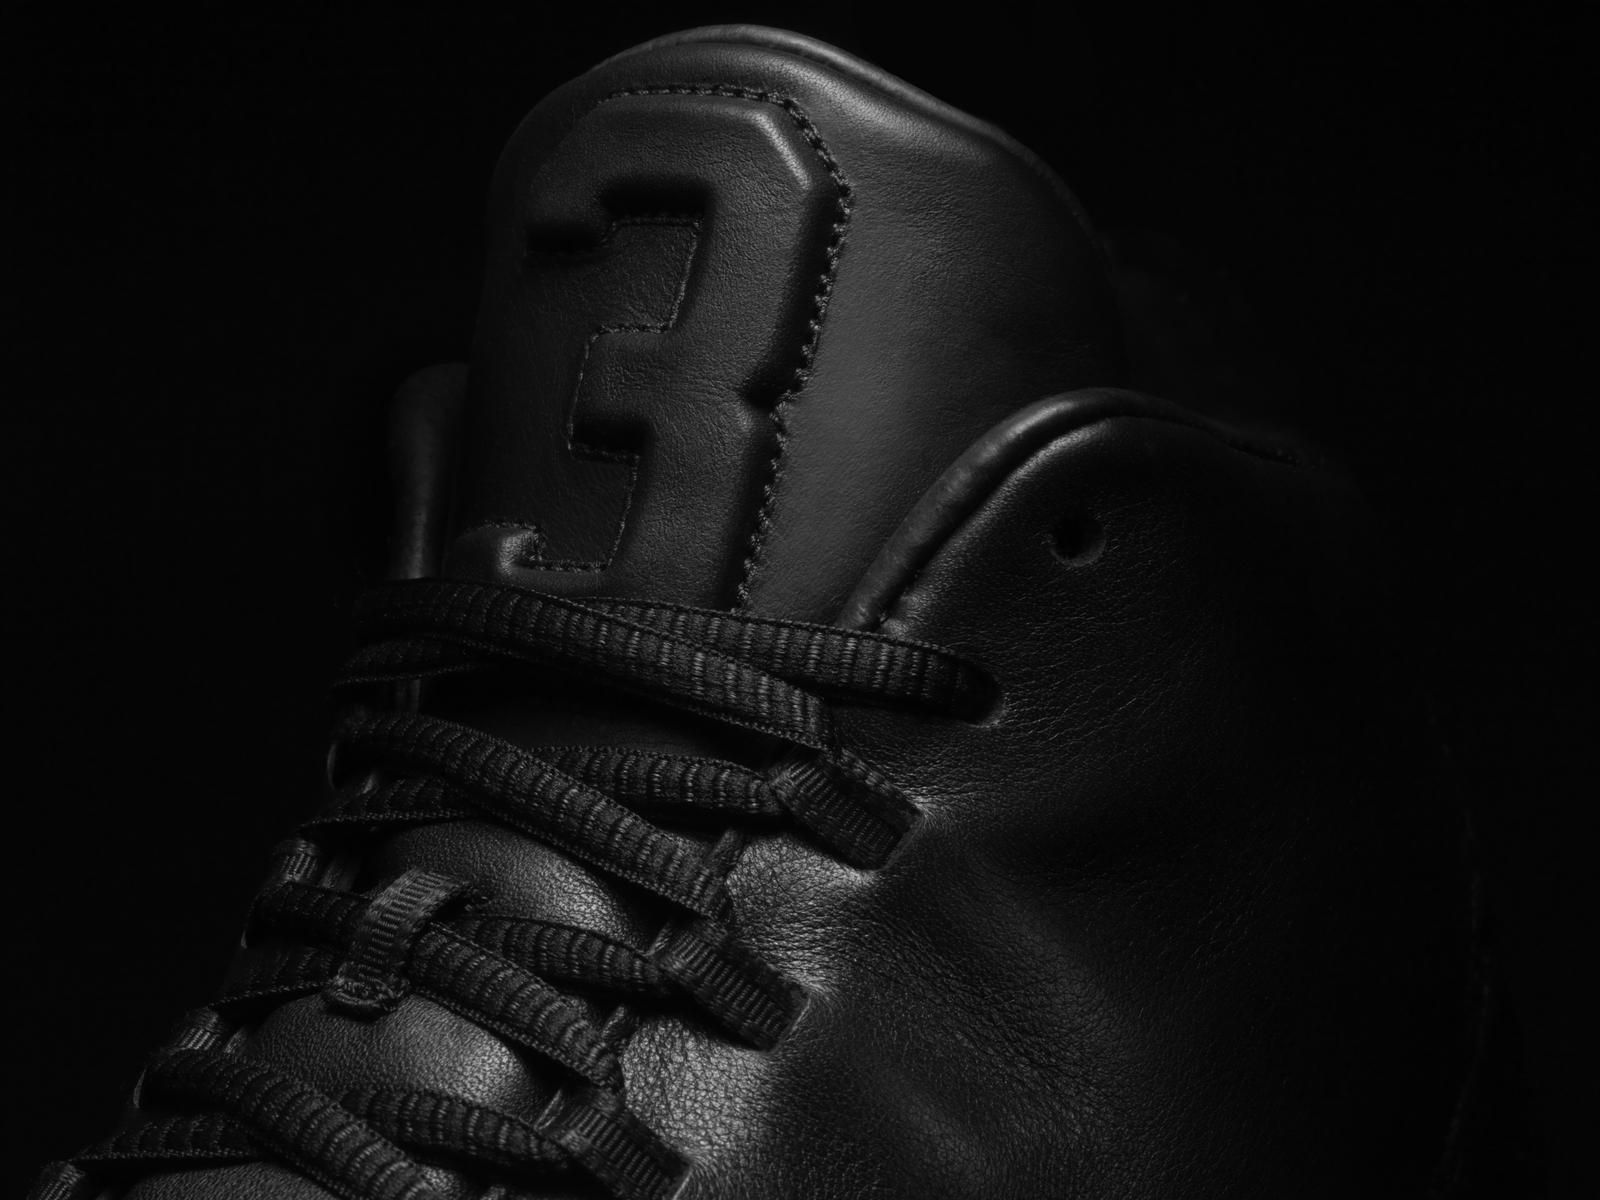 air-jordan-mtm-pack-official-images-08